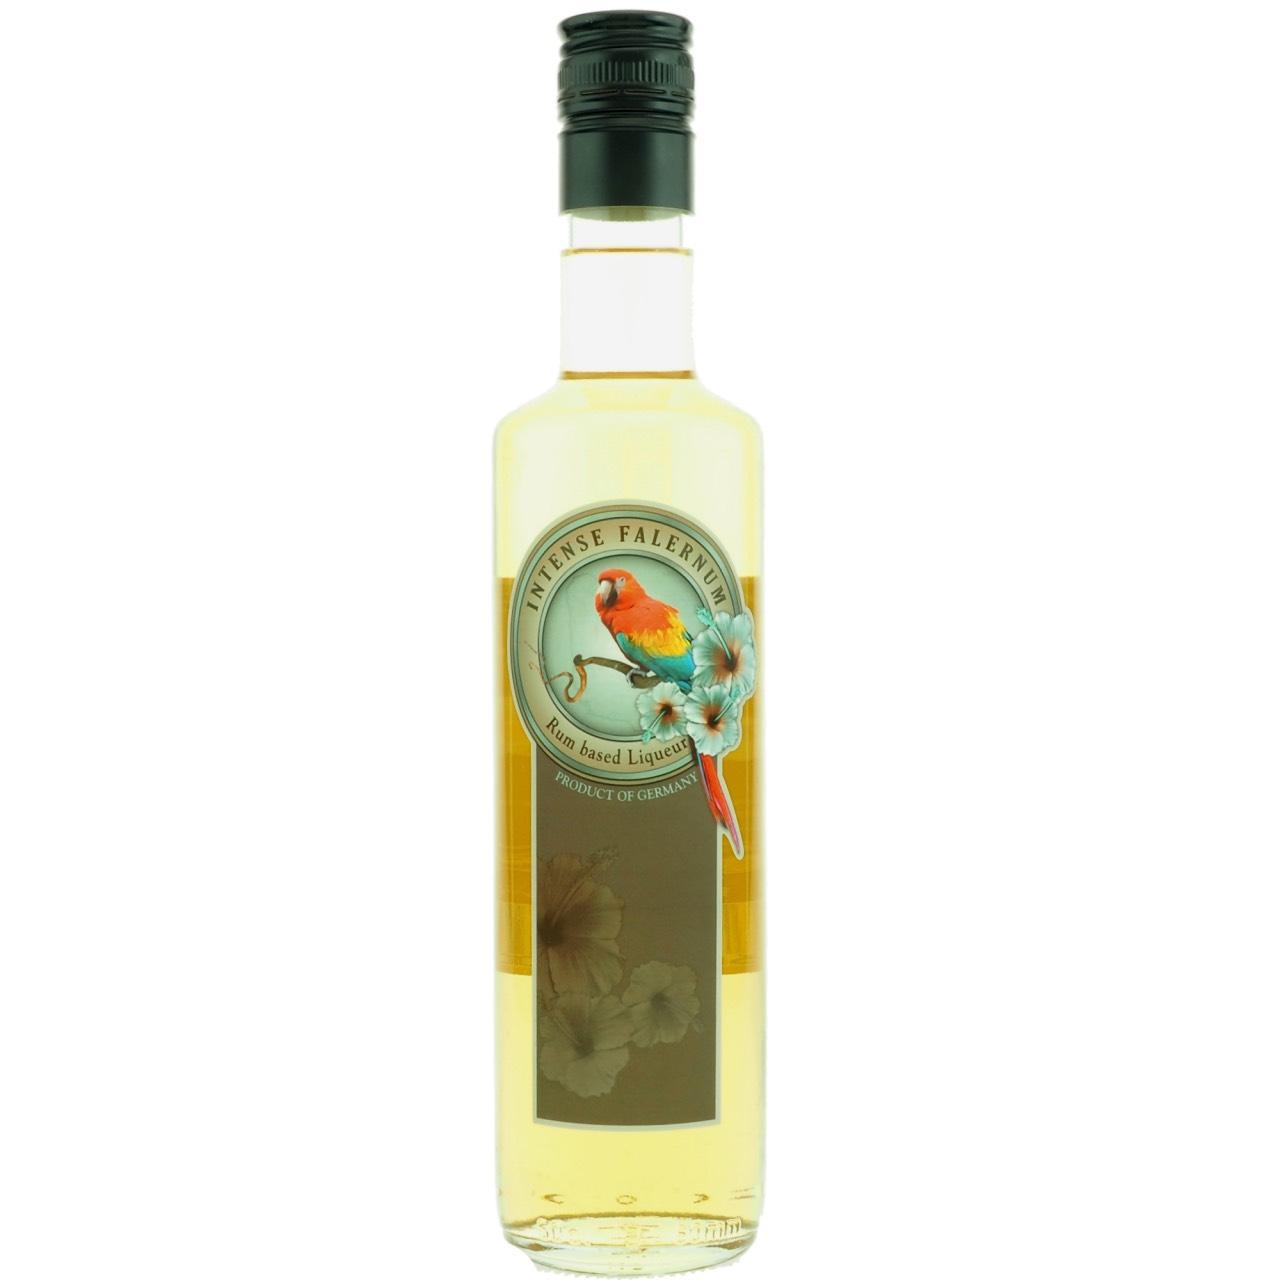 Bottle image of Intense Falernum Rum based Liqueur